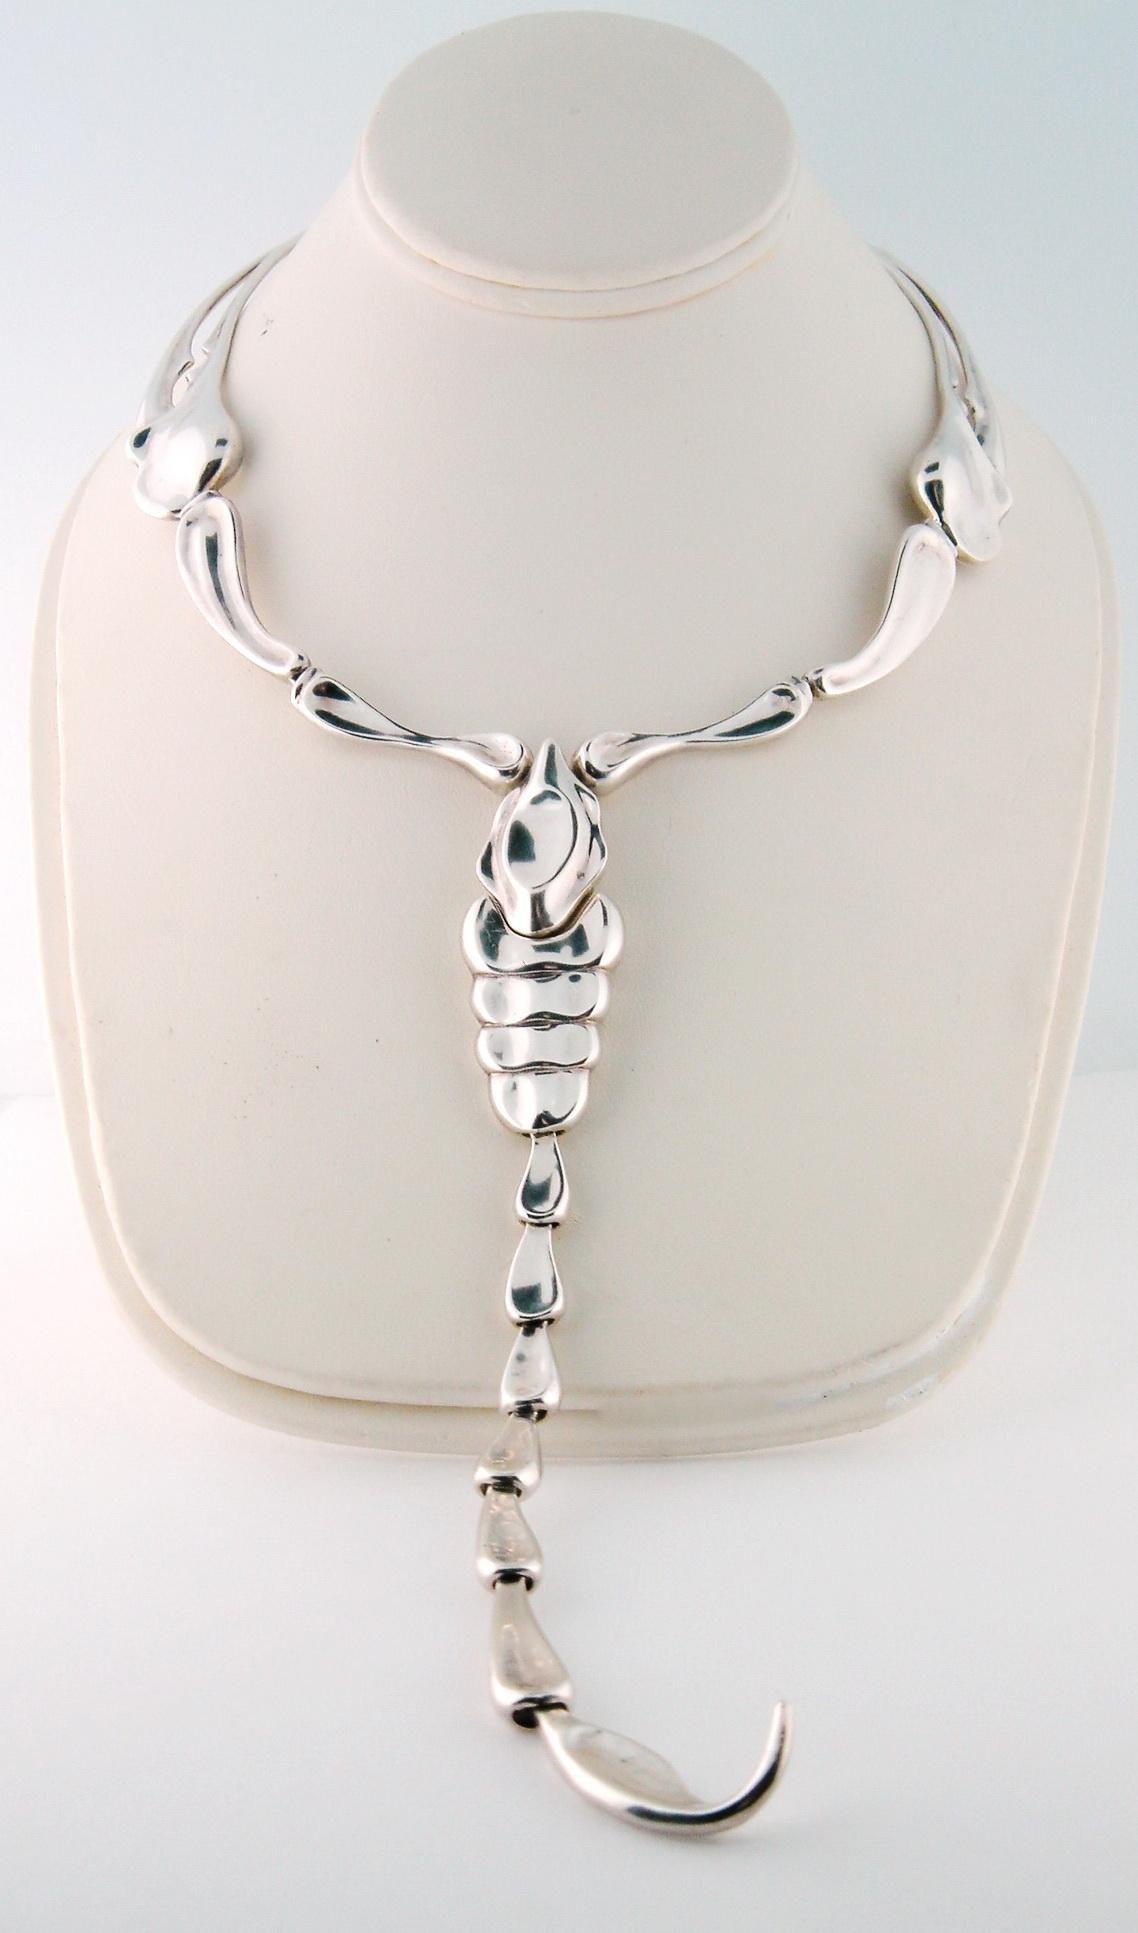 a2bddedb42a16 Description: Estate Tiffany Co by Elsa Peretti Sterling Silver ...